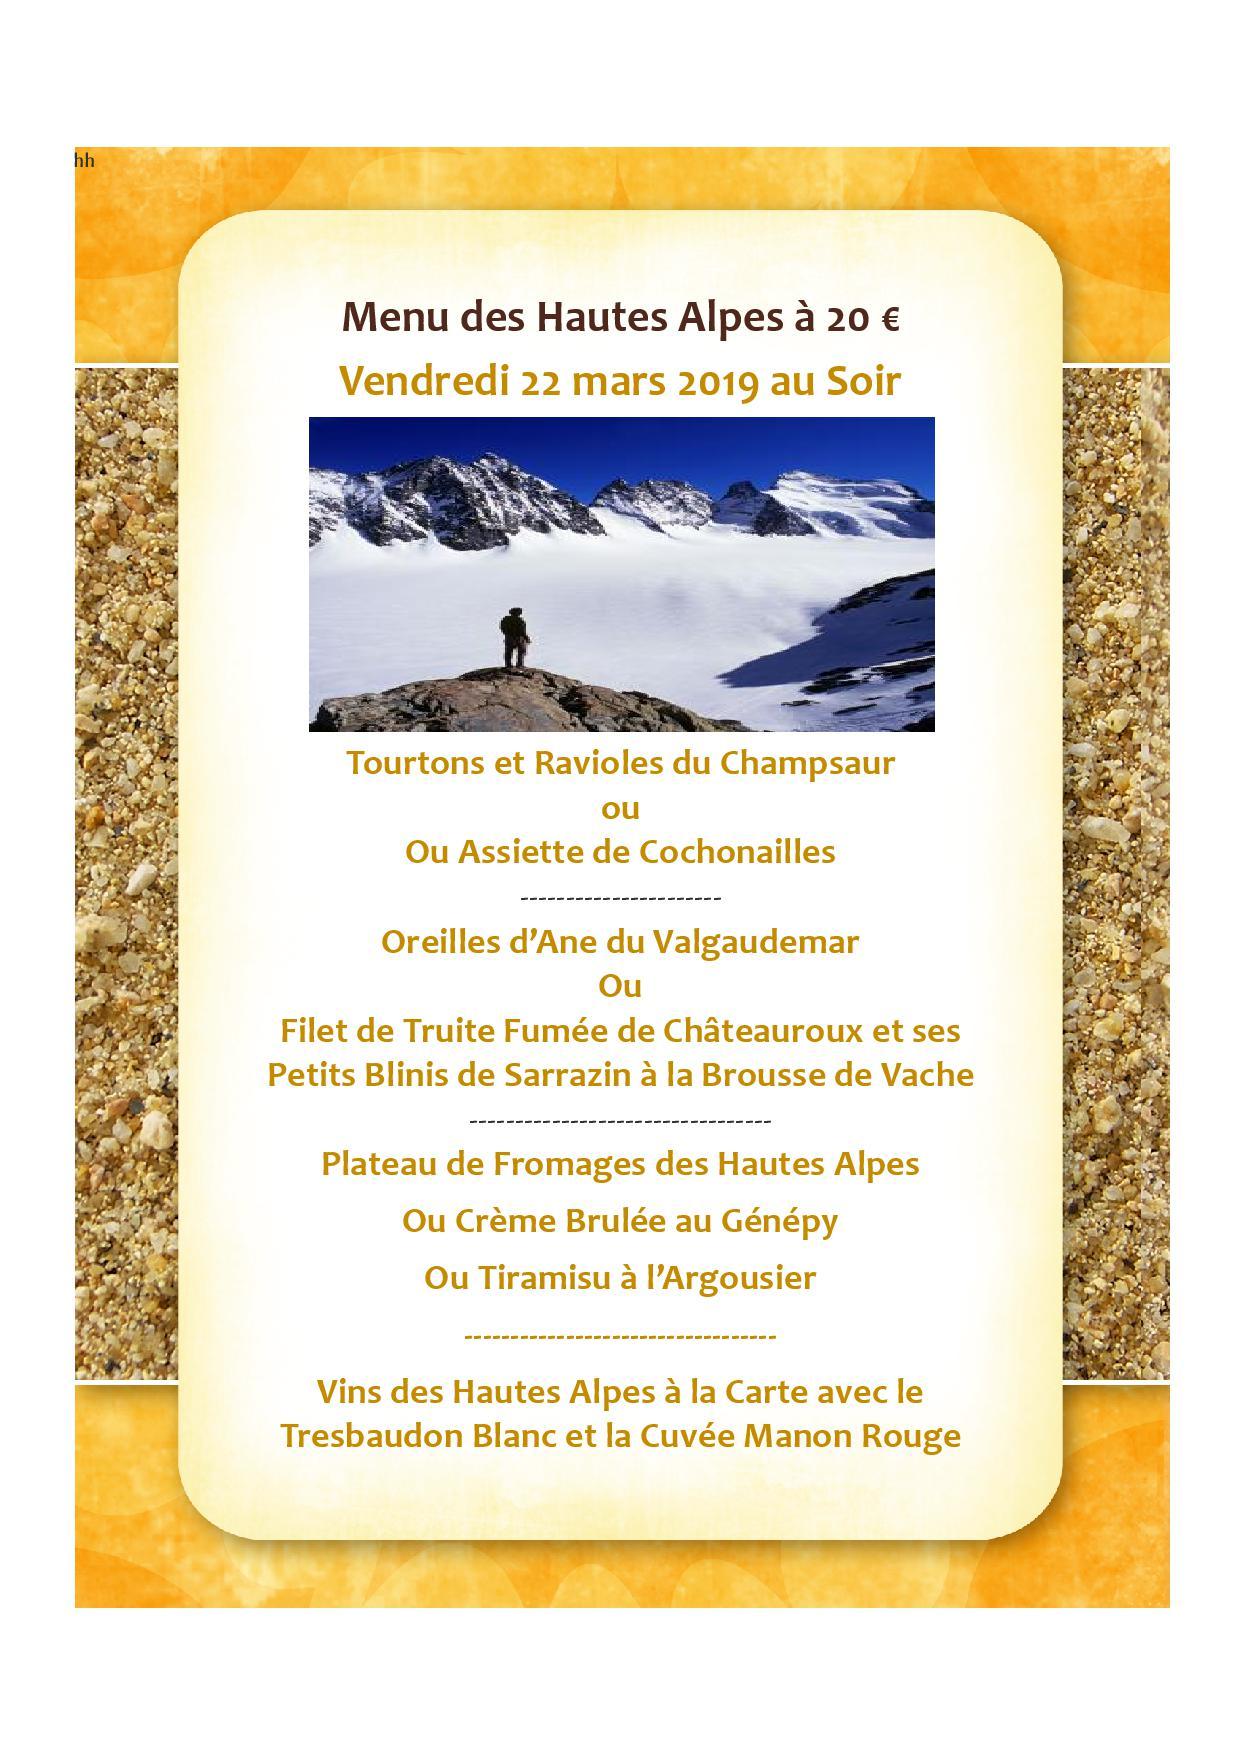 Menu Hautes Alpes 22.03.19